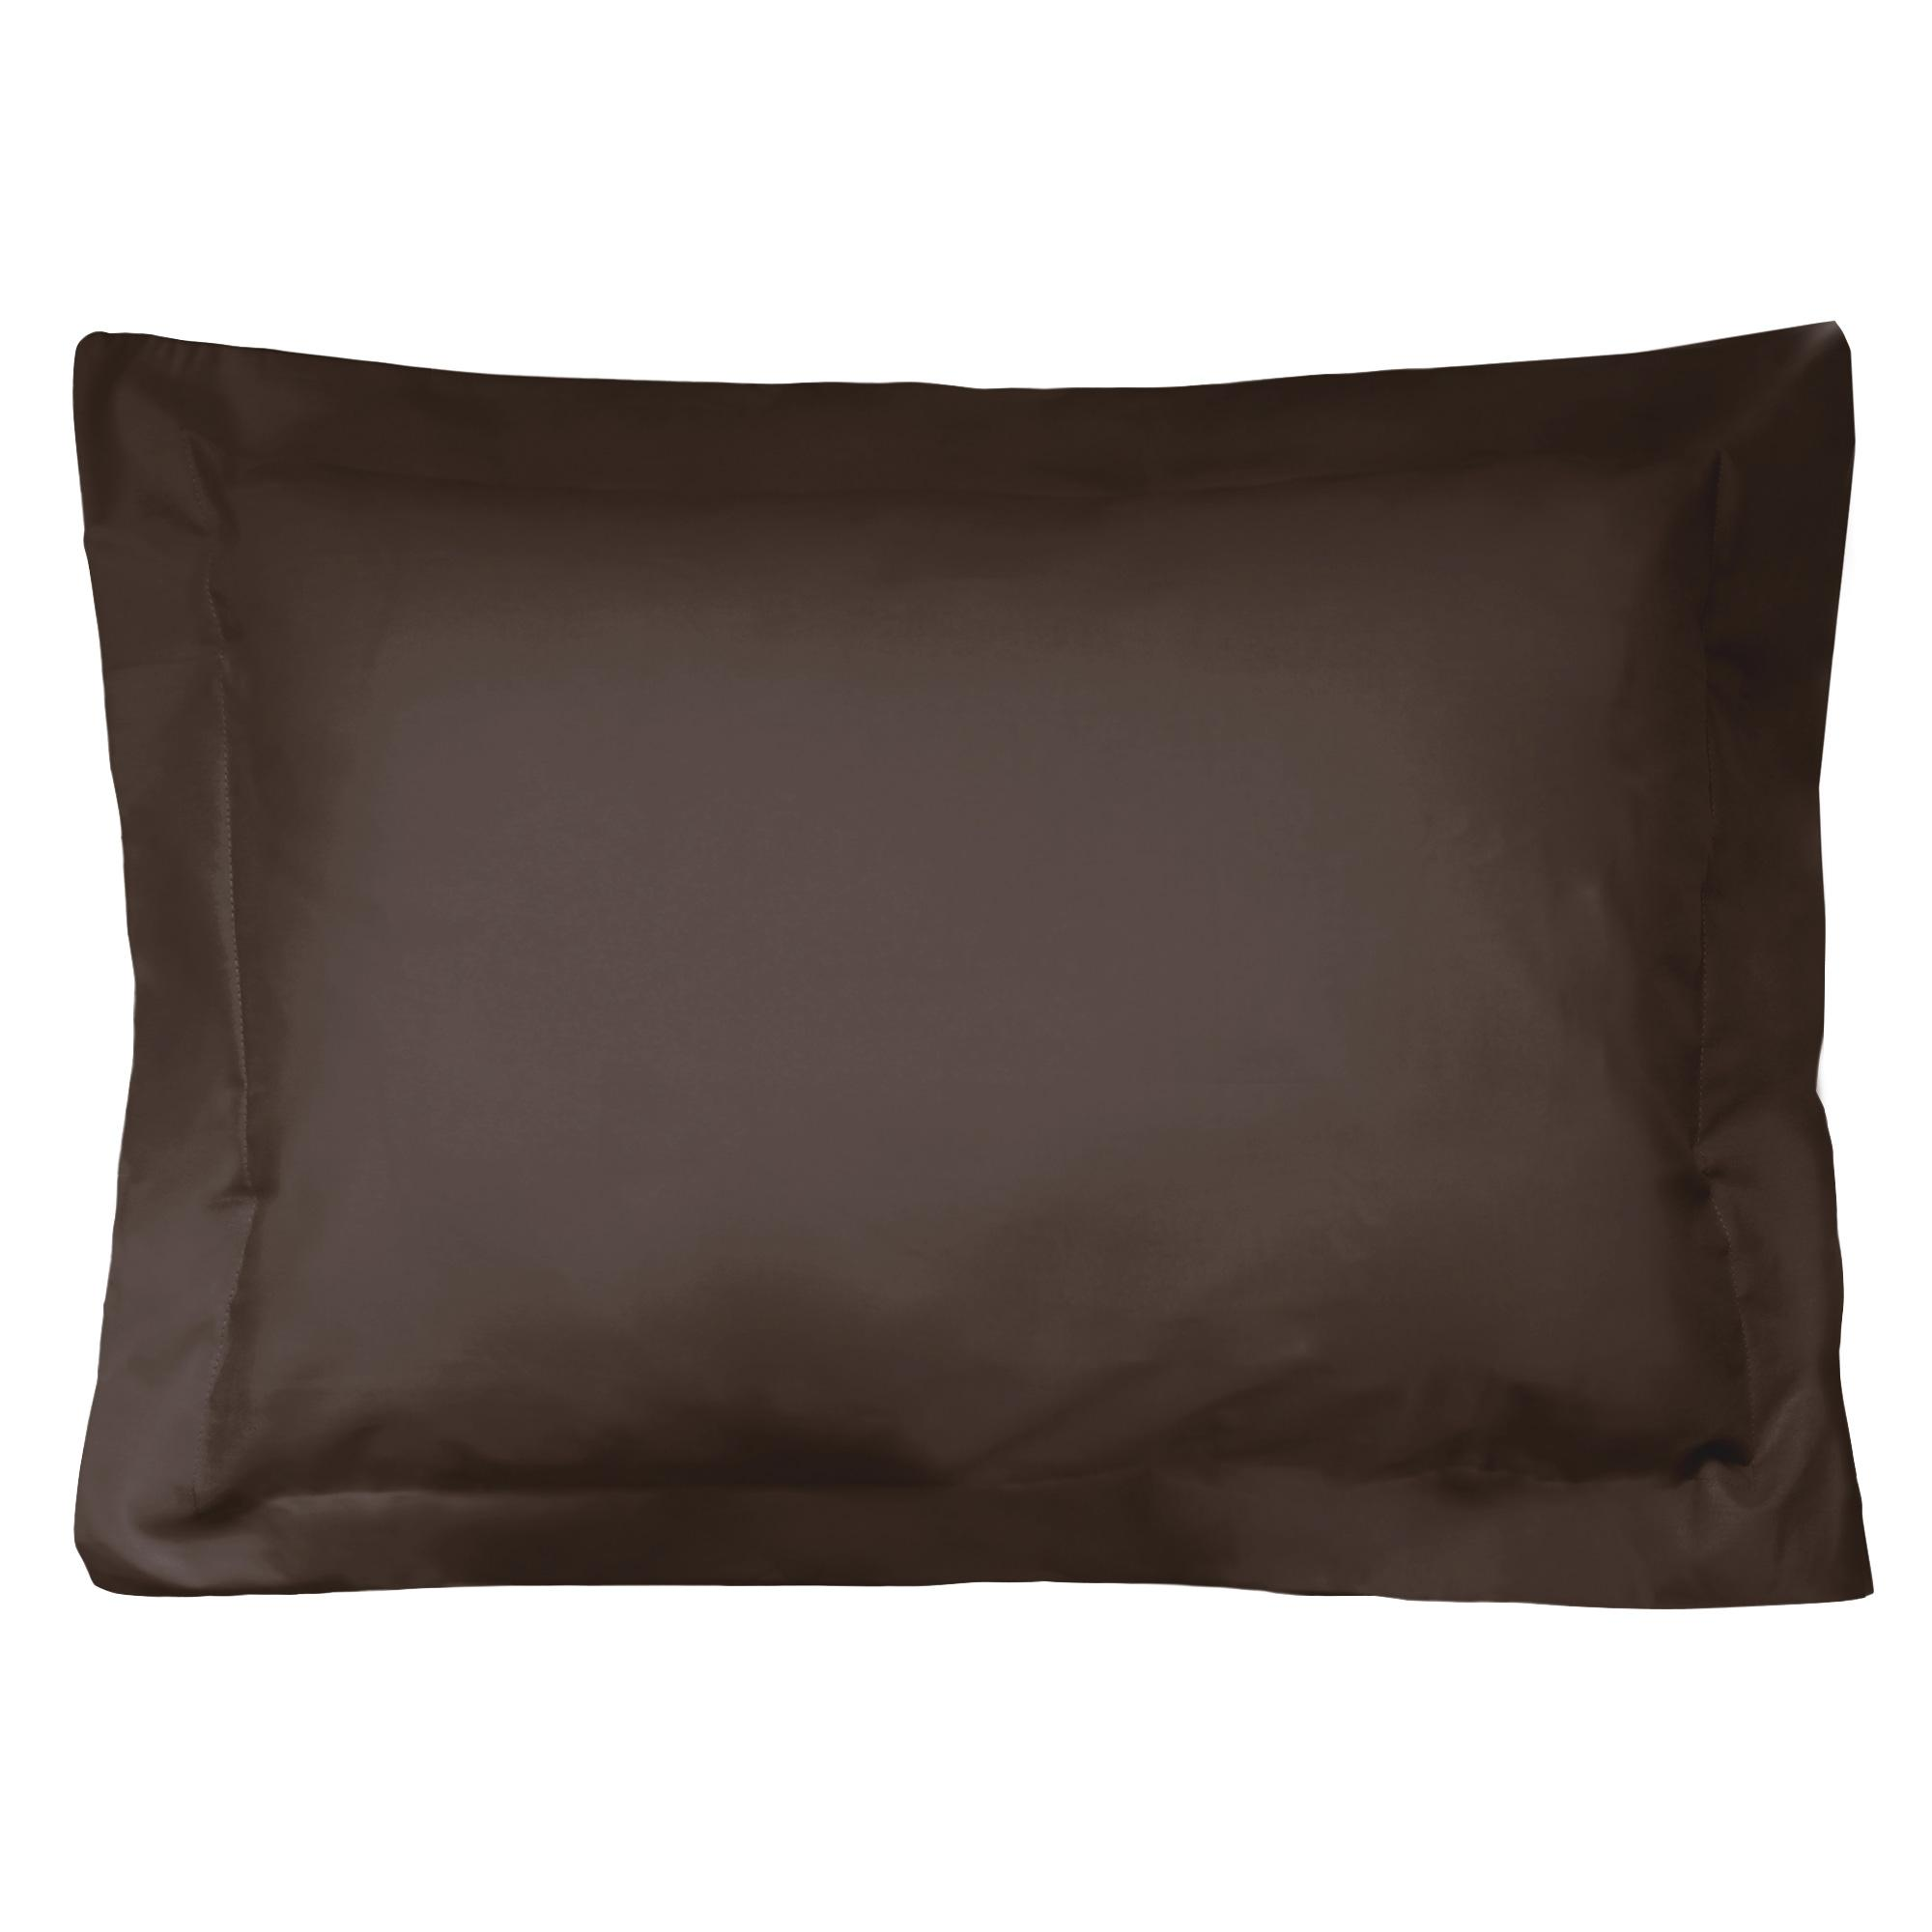 taie d 39 oreiller 60x40cm uni pur coton alto marron mangan se linnea linge de maison et. Black Bedroom Furniture Sets. Home Design Ideas